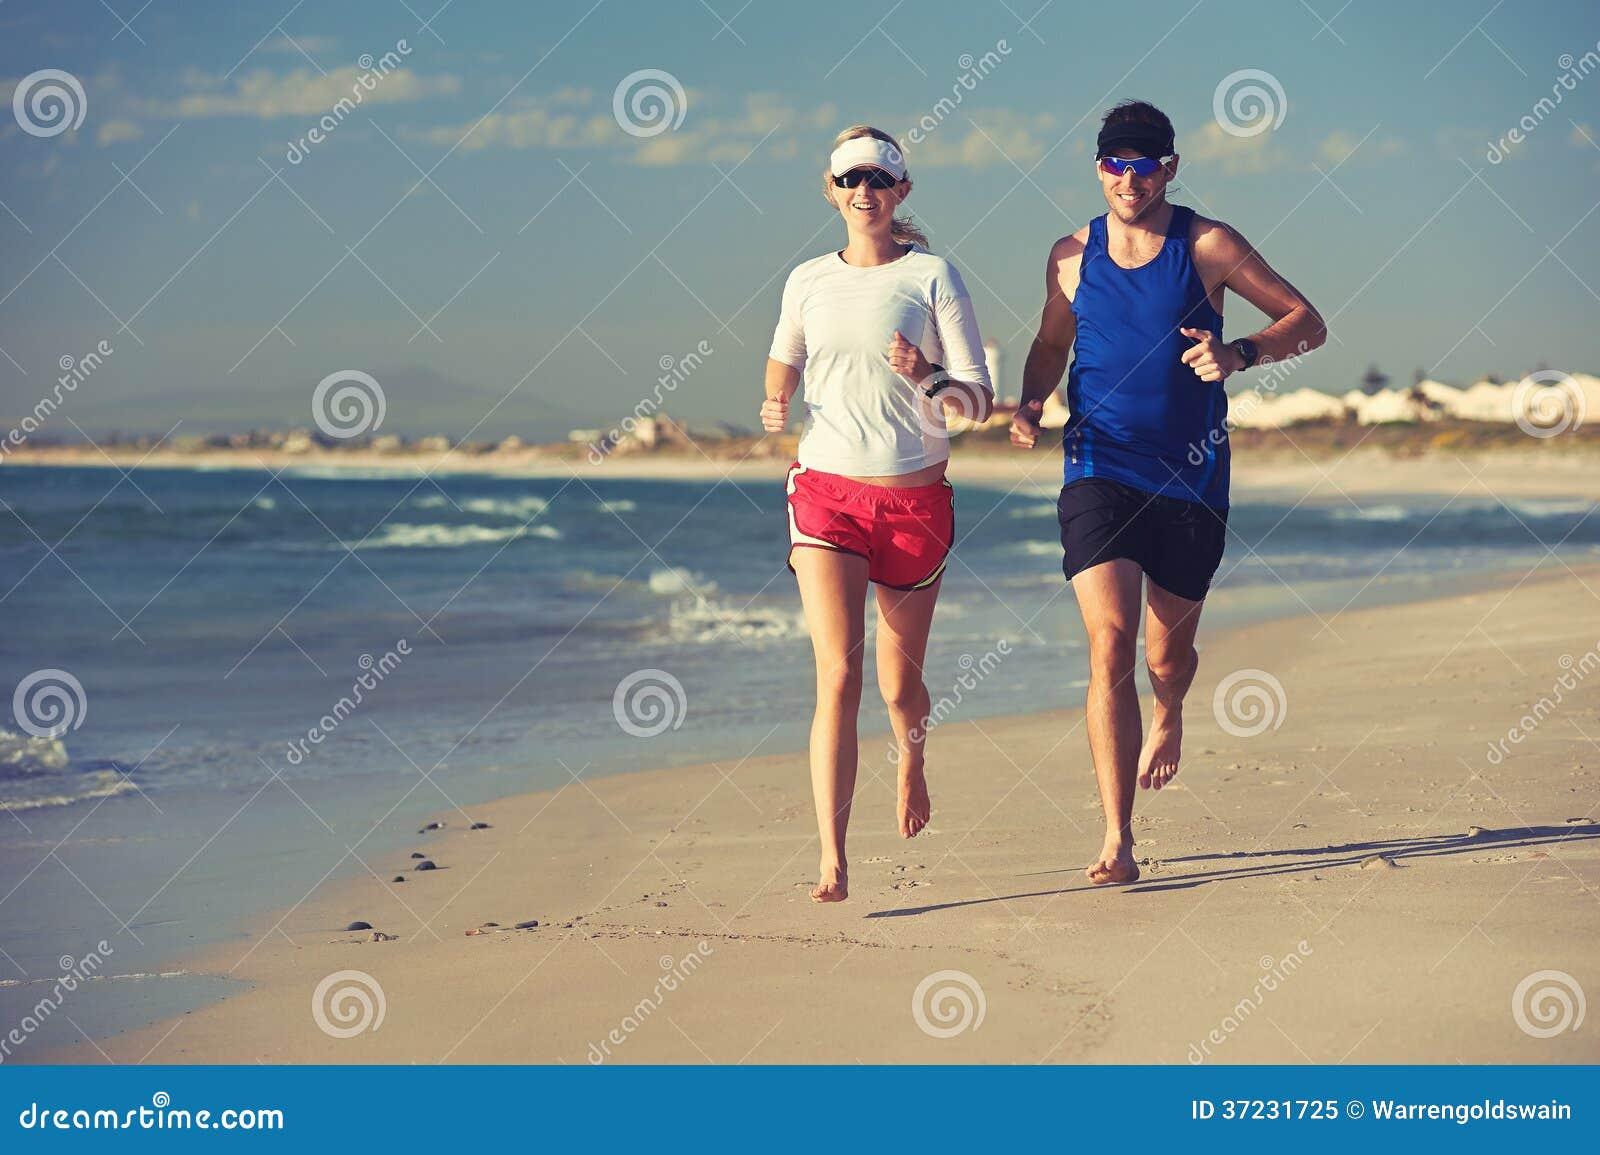 course aux pieds nus de plage photo libre de droits image 37231725. Black Bedroom Furniture Sets. Home Design Ideas